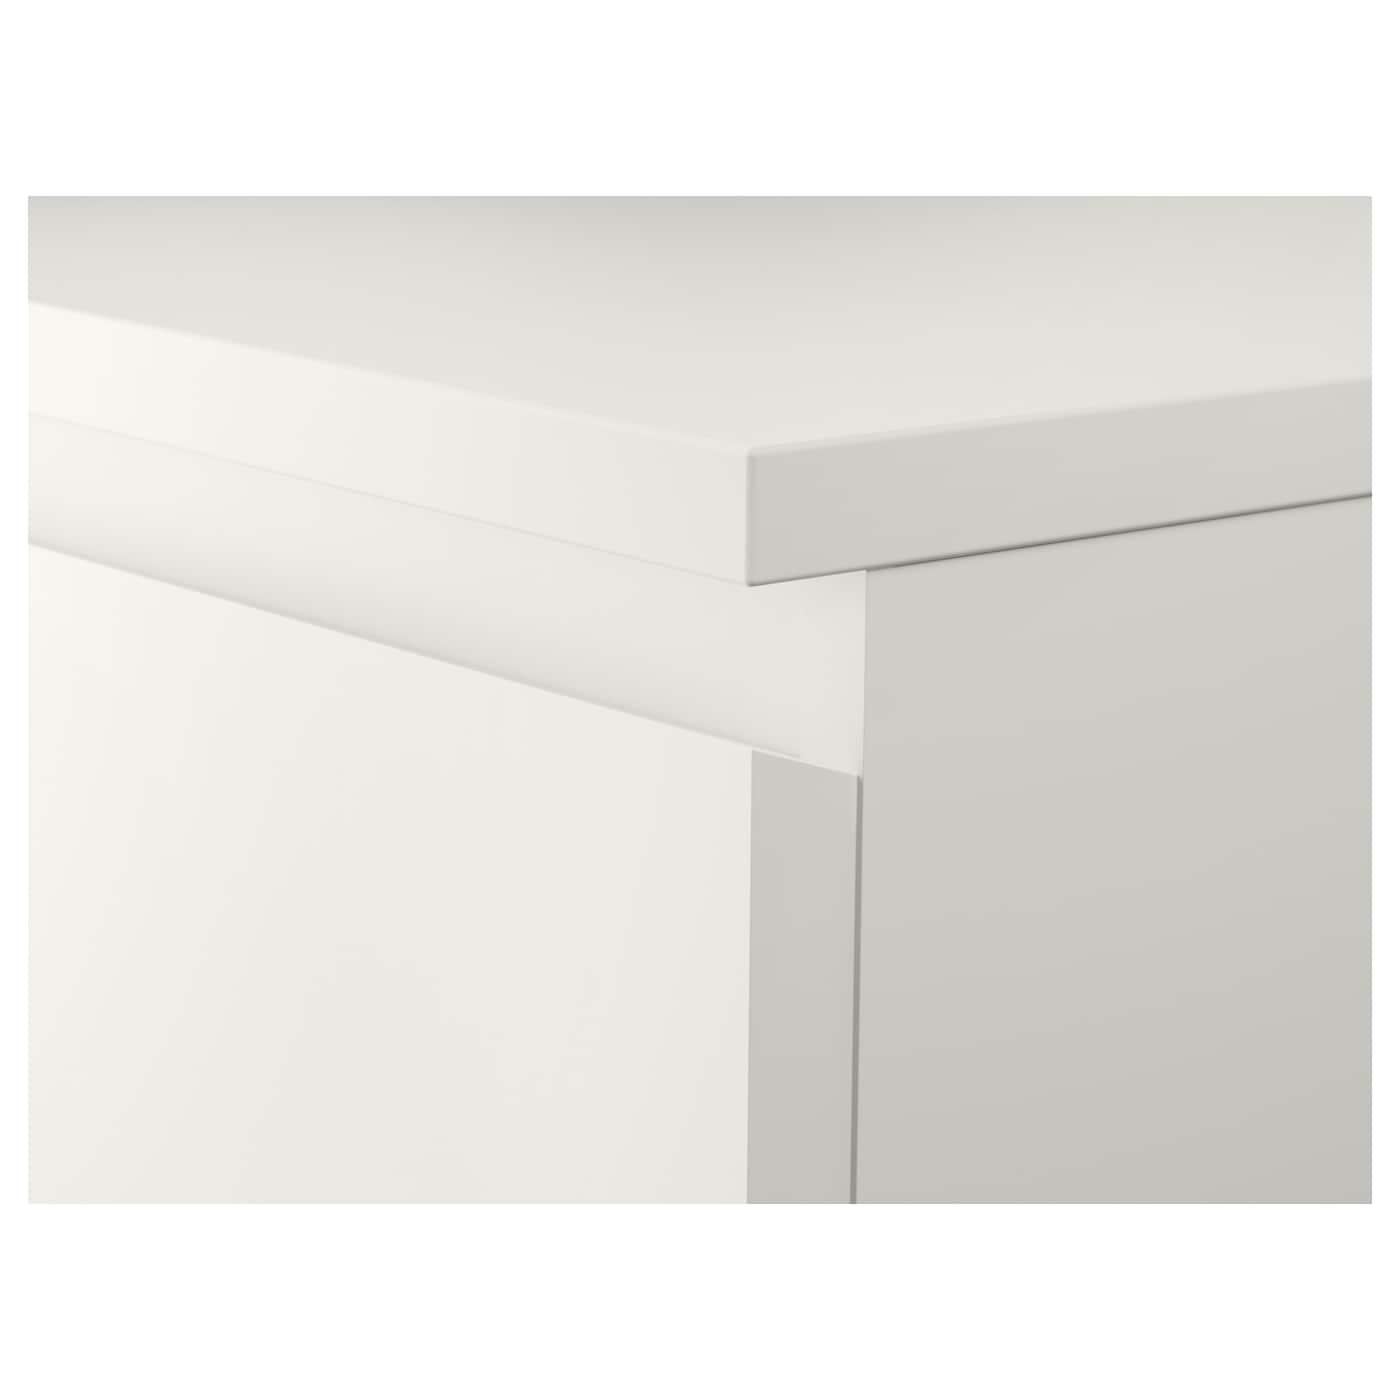 Malm Kommode Mit 6 Schubladen Weiss Spiegelglas 40x123 Cm Ikea Osterreich